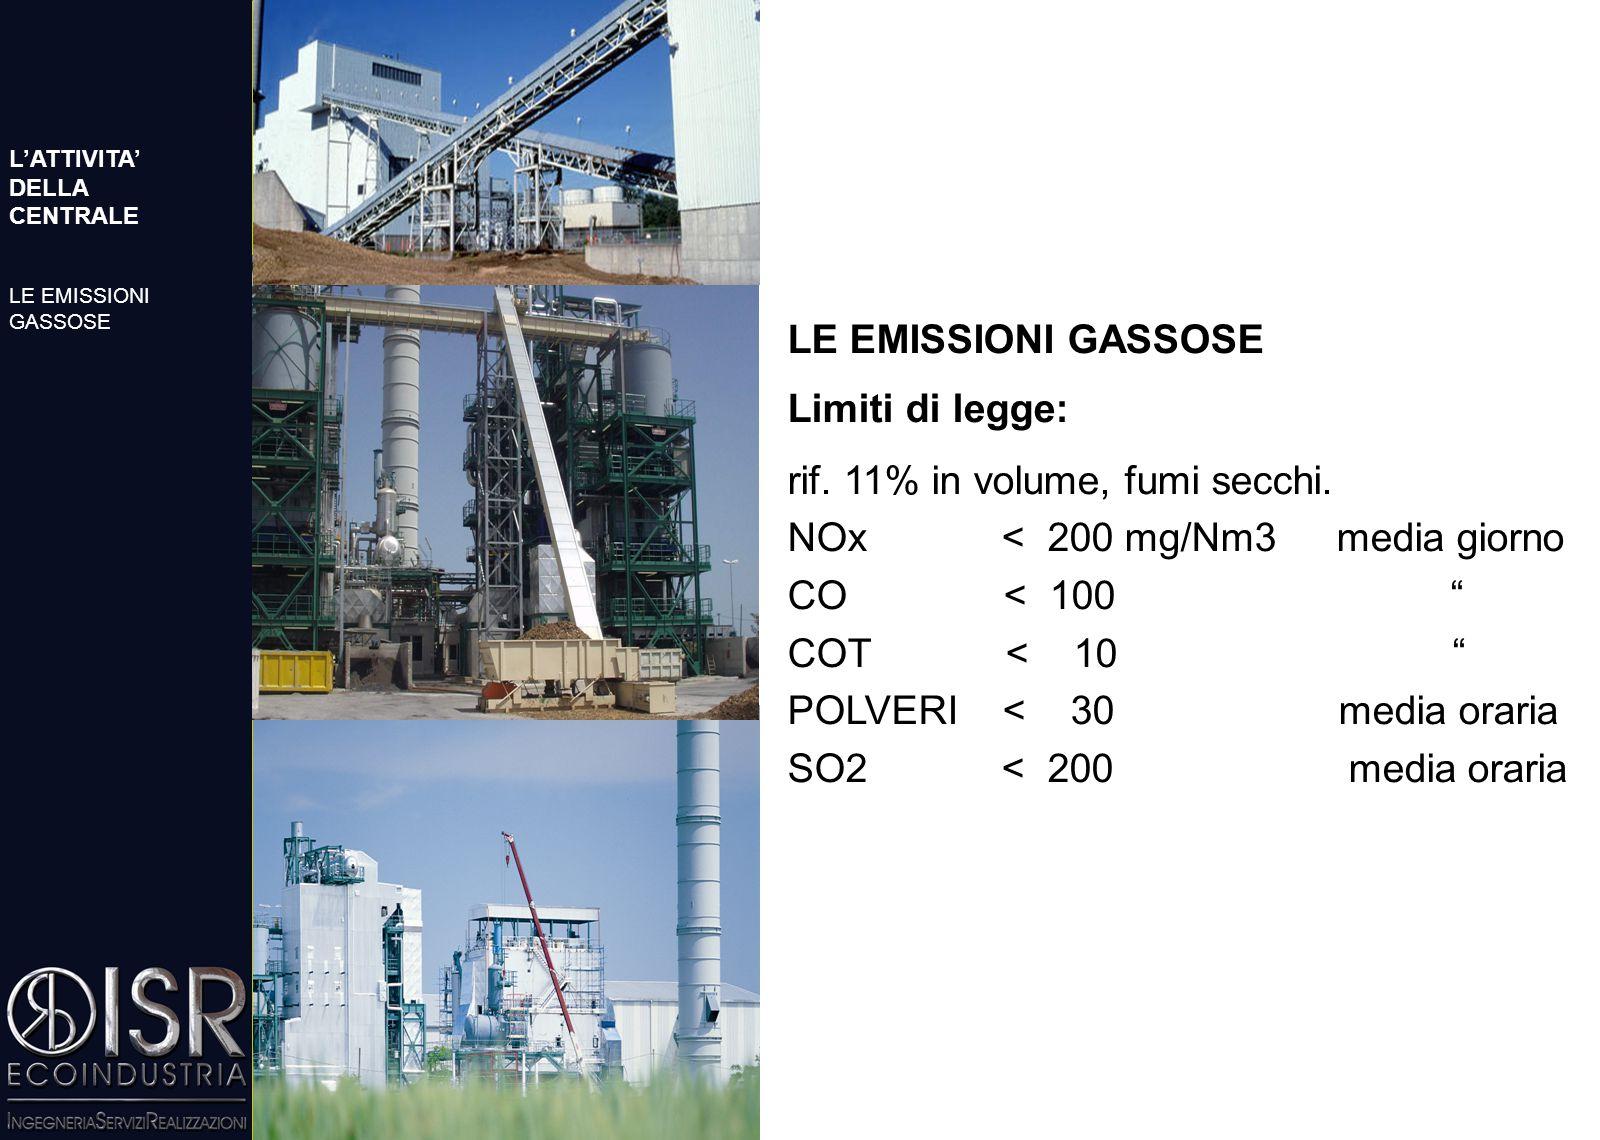 CONSIDERAZIONI SUL CICLO ORC  La resa di conversione da biomassa ad energia elettrica e' di circa il 14%; il rendimento complessivo (chp) puo' salire all' 80% in cogenerazione;  Il fluido organico bolle nell'evaporatore grazie all'olio diatermico; successivamente i vapori del fluido espandono nella turbina e poi condensano nel condensatore grazie all'acqua di ritorno dalla rete di teleriscaldamento (normalmente si opera in un intervallo di temperature di 60-80°c);  In assenza di domanda termica l'energia di condensazione viene dissipata nell'ambiente e in queste condizioni e' difficile ottenere un esercizio economico;